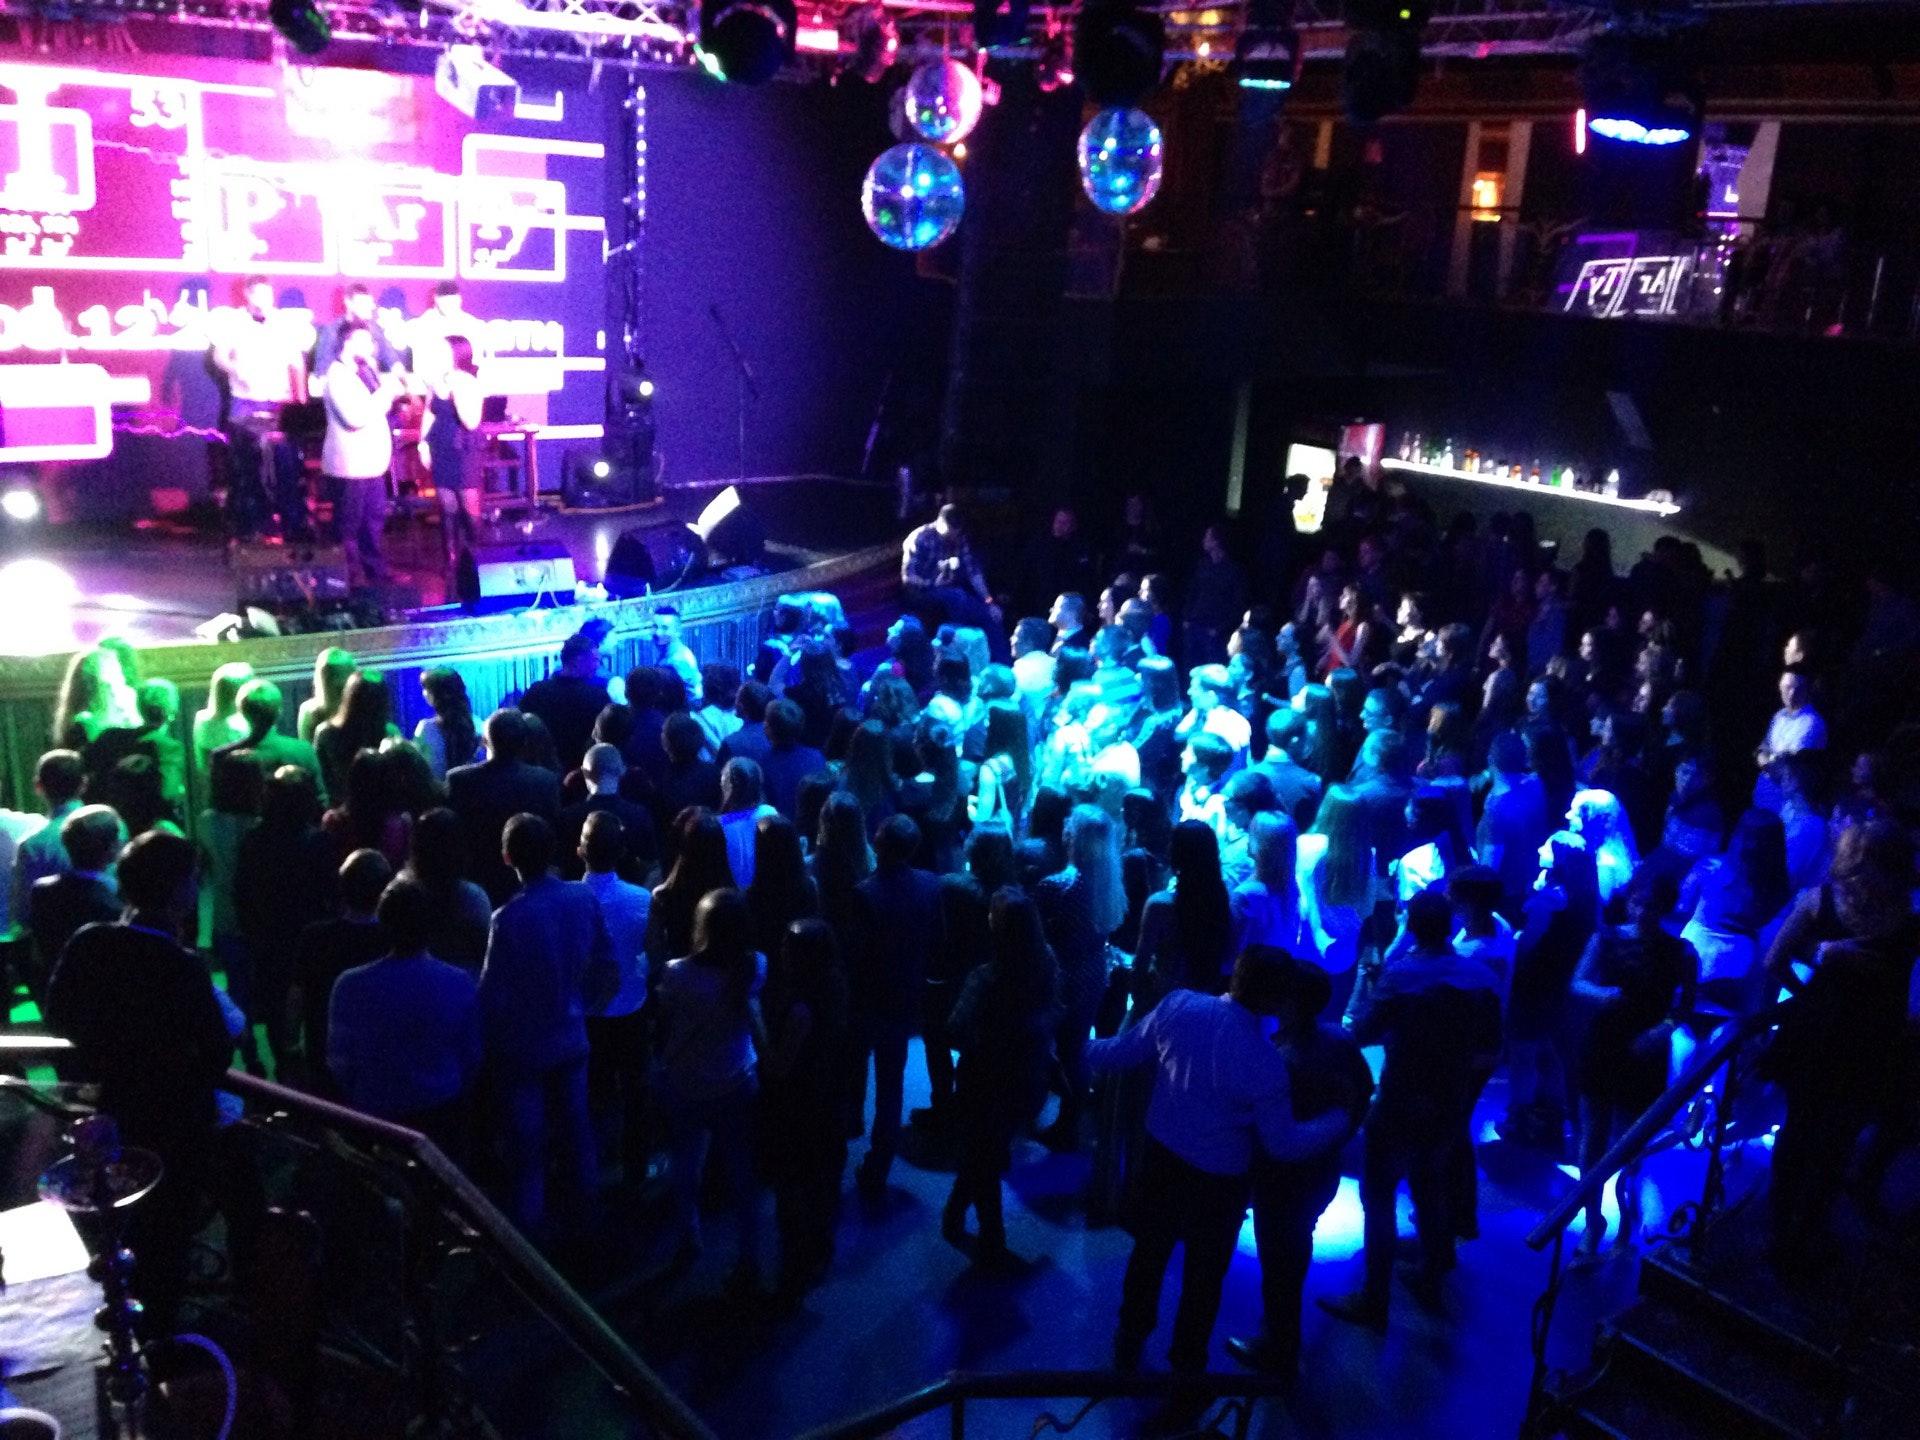 Ночной клуб резиденция в ижевске ночные клубы с 18 лет в москве